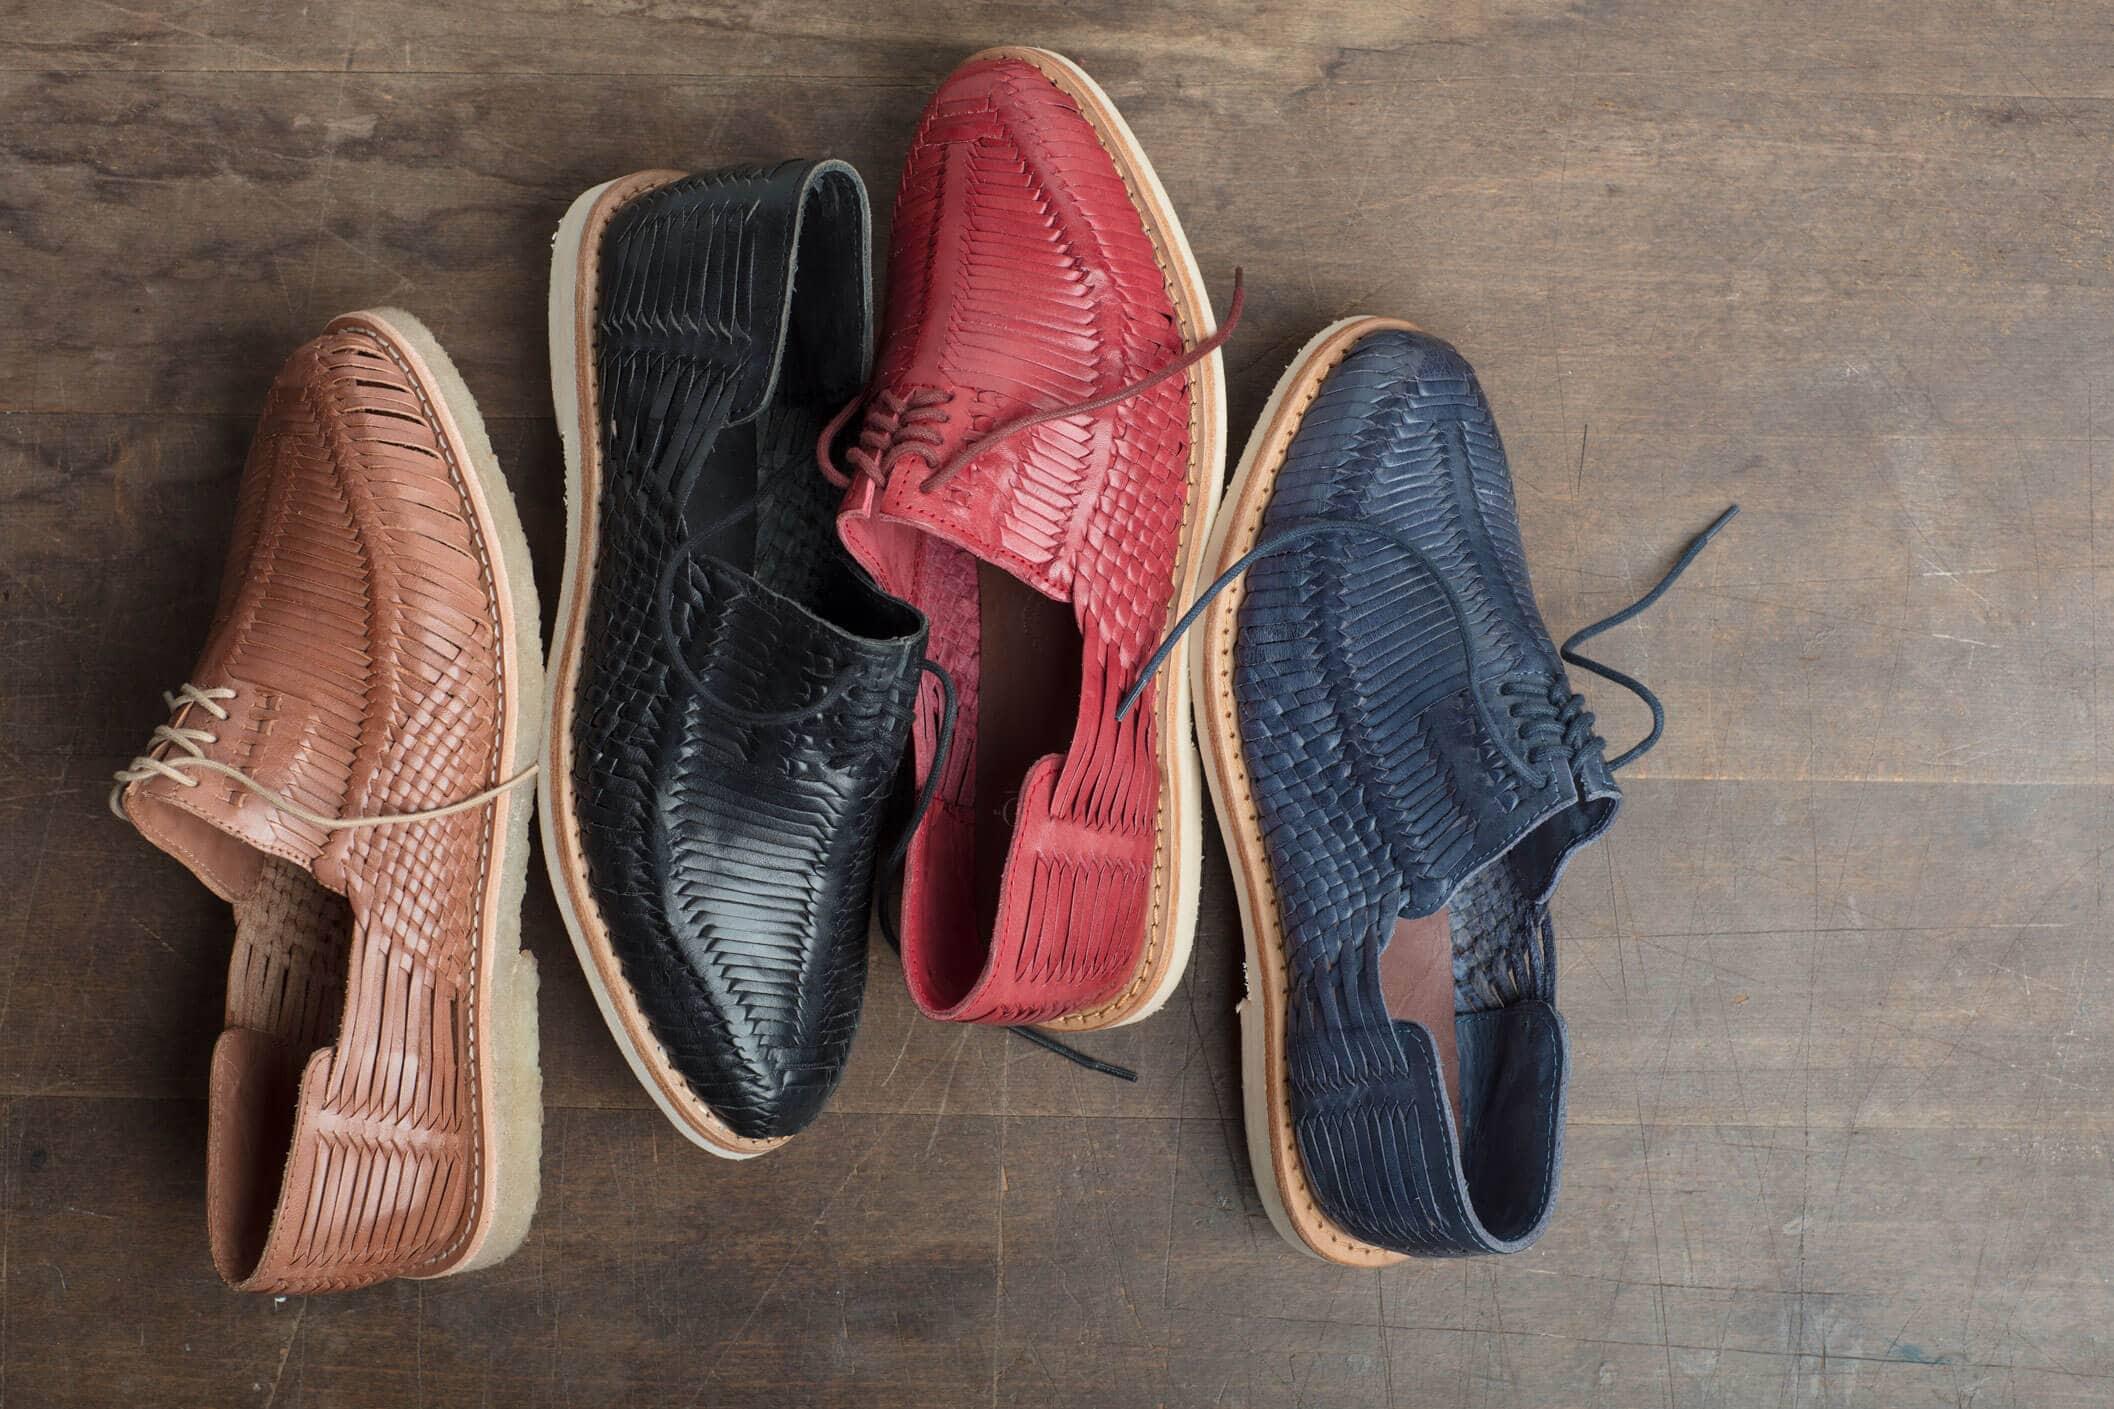 Schuhe von CANO, die per Blockchain überprüft werden können.